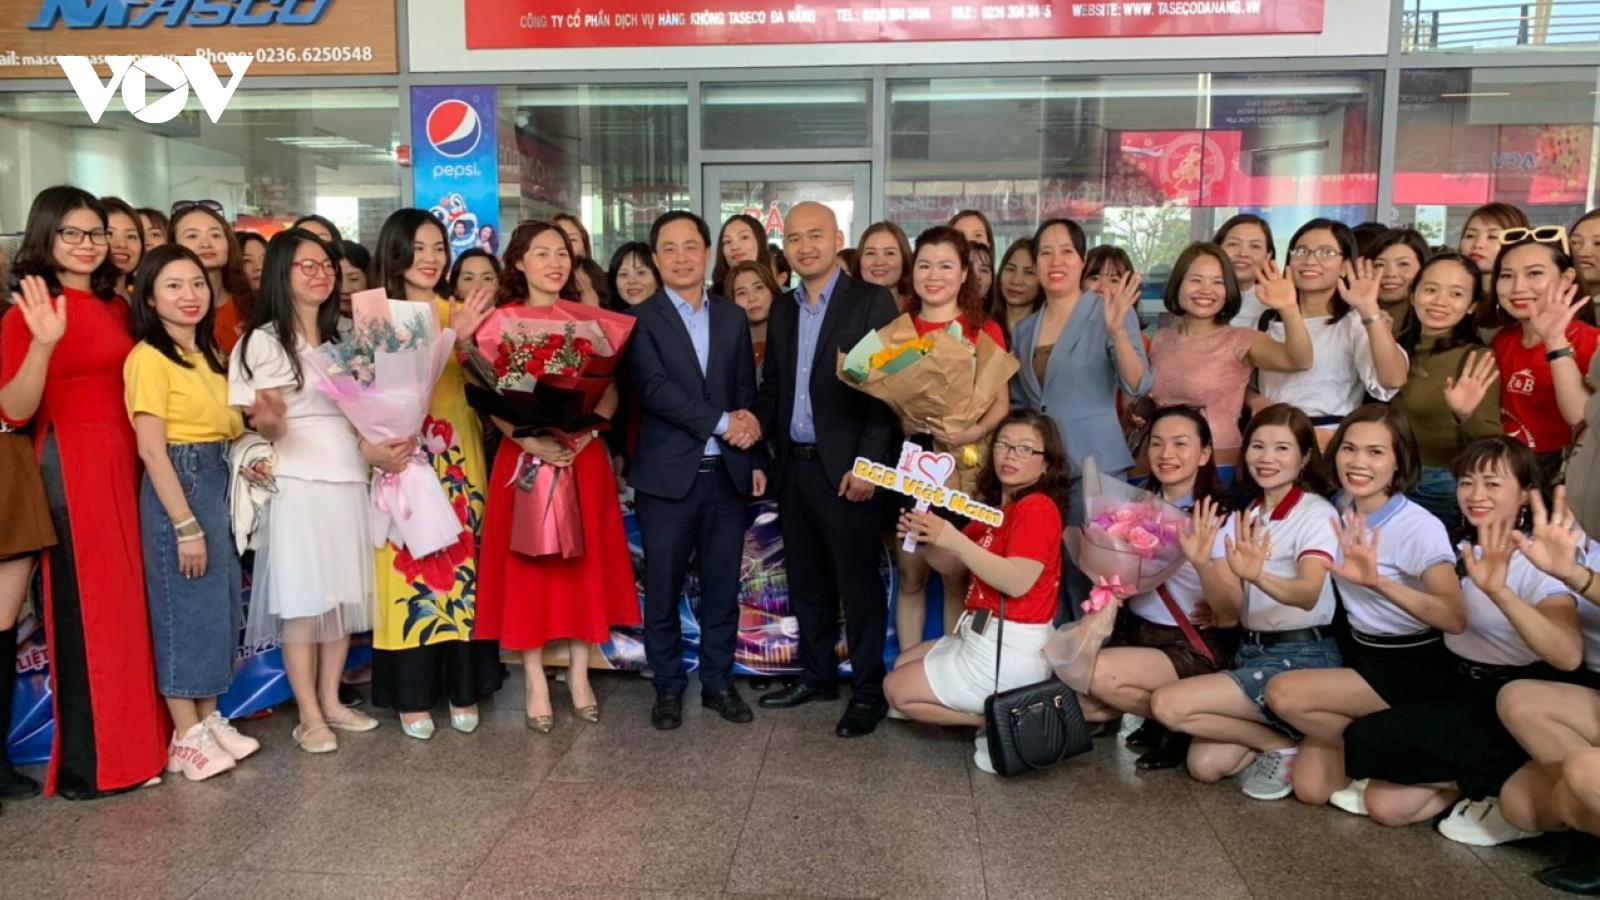 Đà Nẵng đưa du lịch MICE thành sản phẩm chủ lực